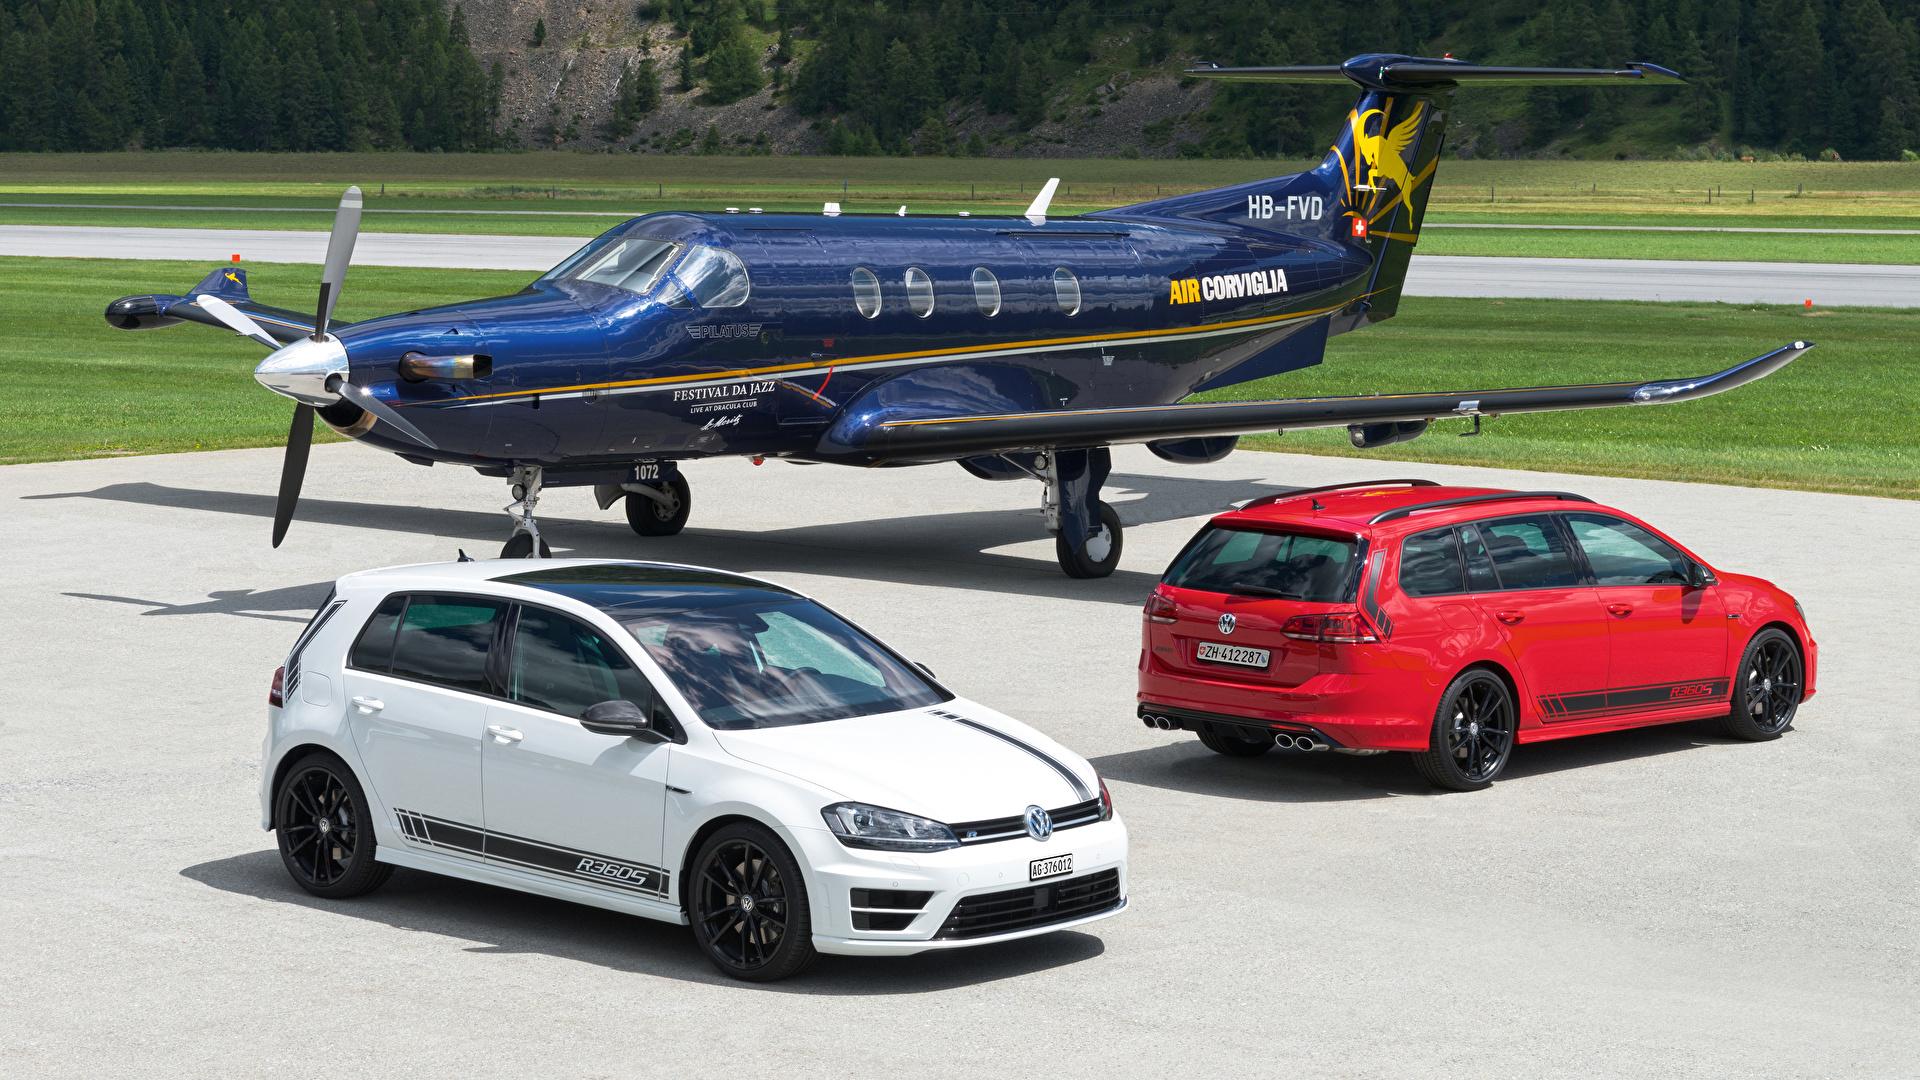 Обои для рабочего стола Volkswagen Самолеты 2012-16 Golf две машины Металлик Авиация 1920x1080 Фольксваген 2 два Двое вдвоем авто машина автомобиль Автомобили